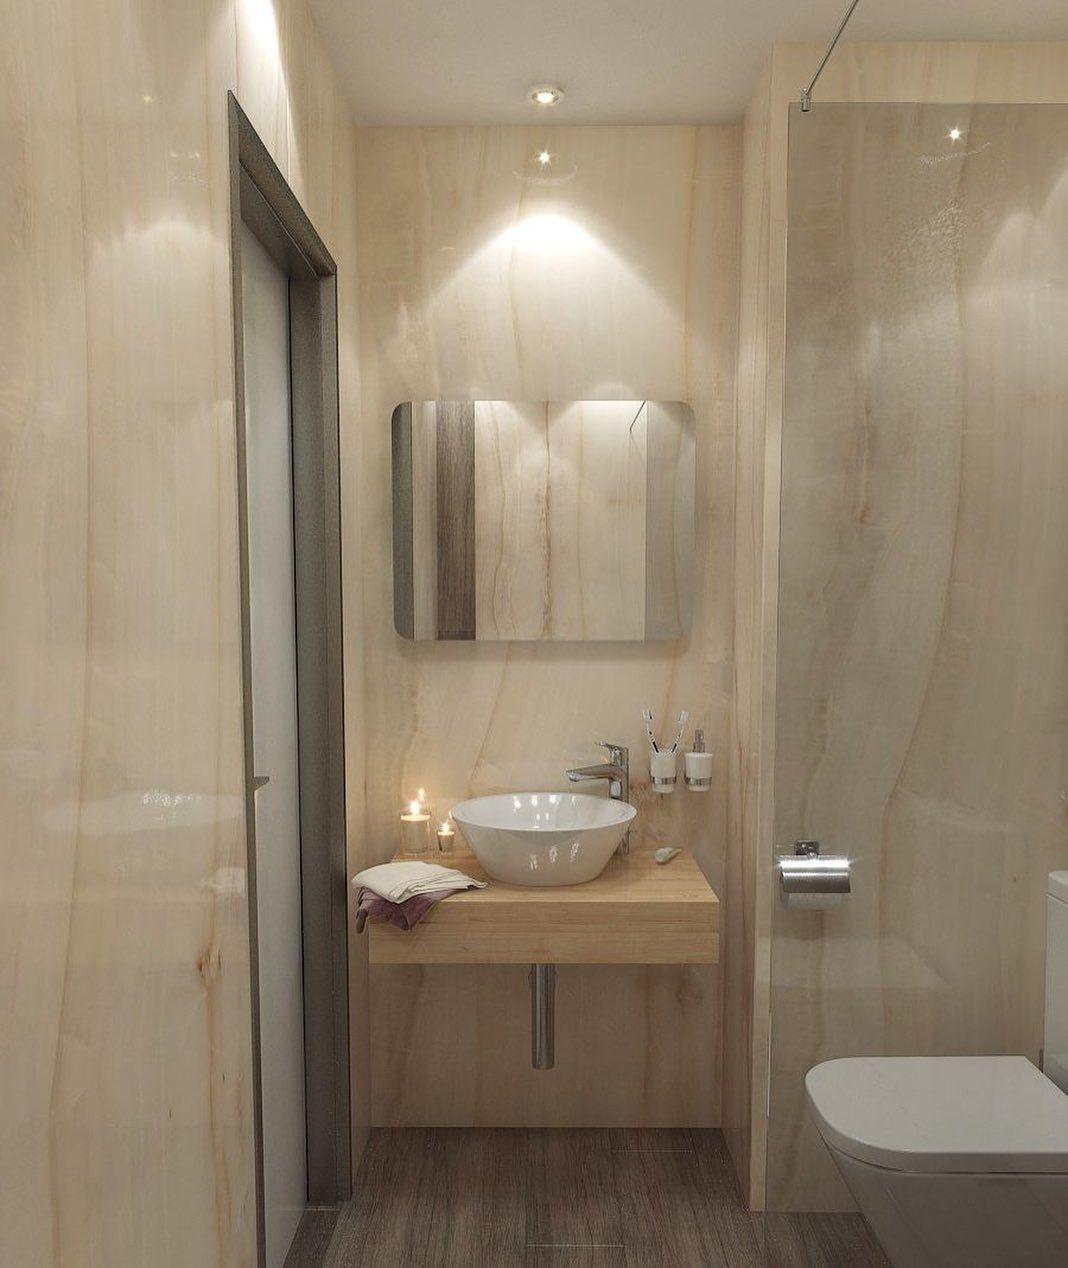 Bodenfliesen Fliesen Fliesenleger Fliesenlegermeister Fliesendesign Fliesenausstellung Austel Bathroom Design Lighted Bathroom Mirror Bathroom Furniture